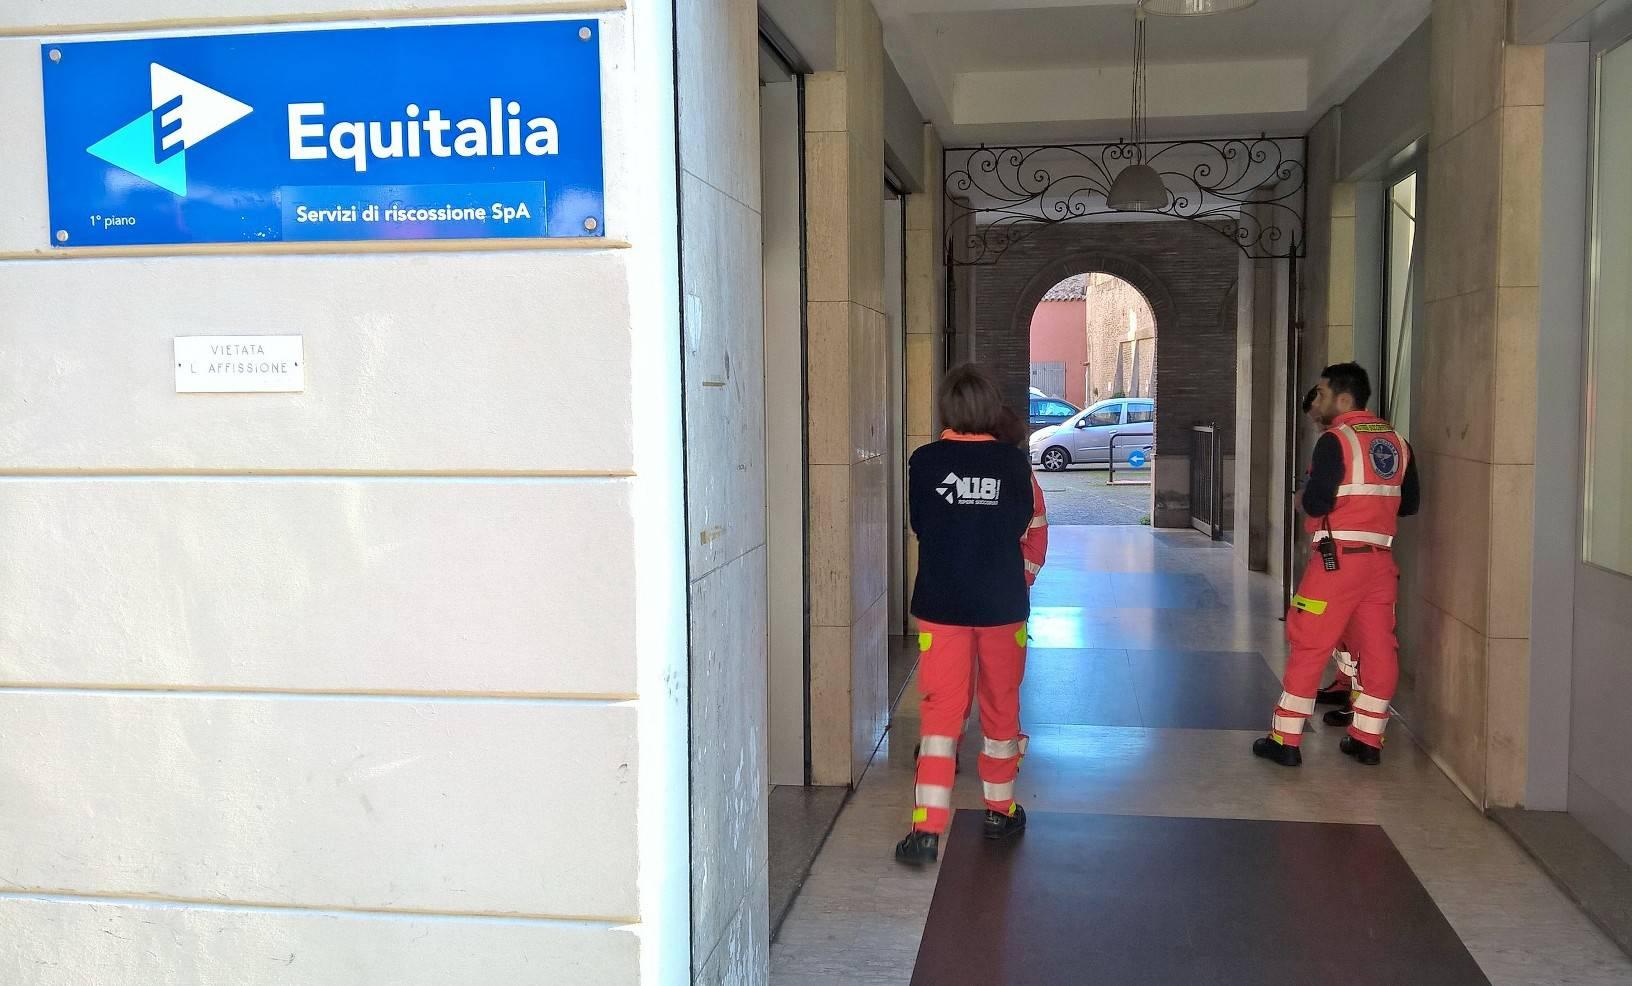 Polveri sospette a Equitalia. In attesa di analisi su Rimini, in altre sedi esclusa antrace